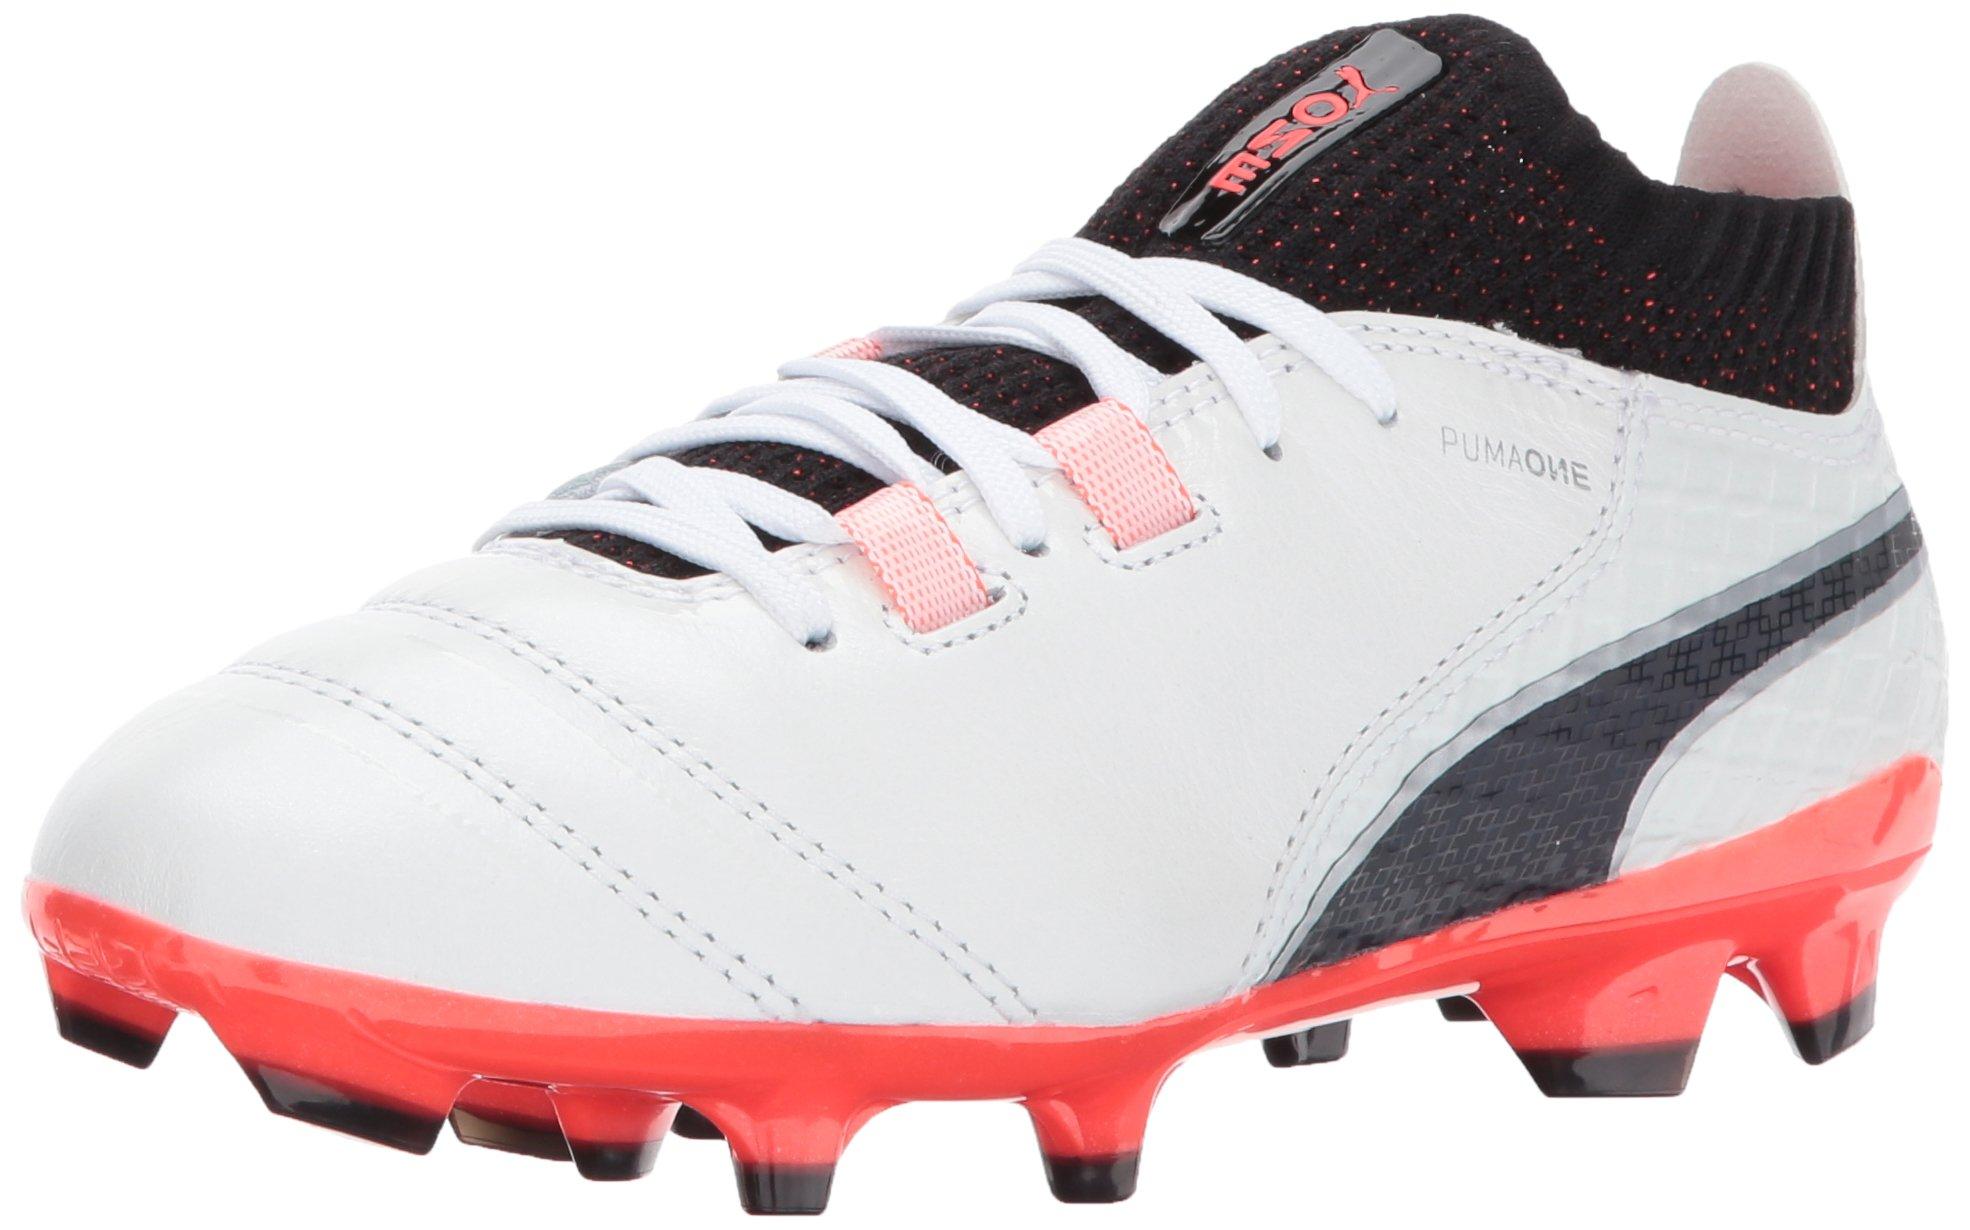 PUMA Unisex ONE 17.1 FG Jr Soccer Shoe, White Black-Fiery Coral, 5.5 M US Big Kid